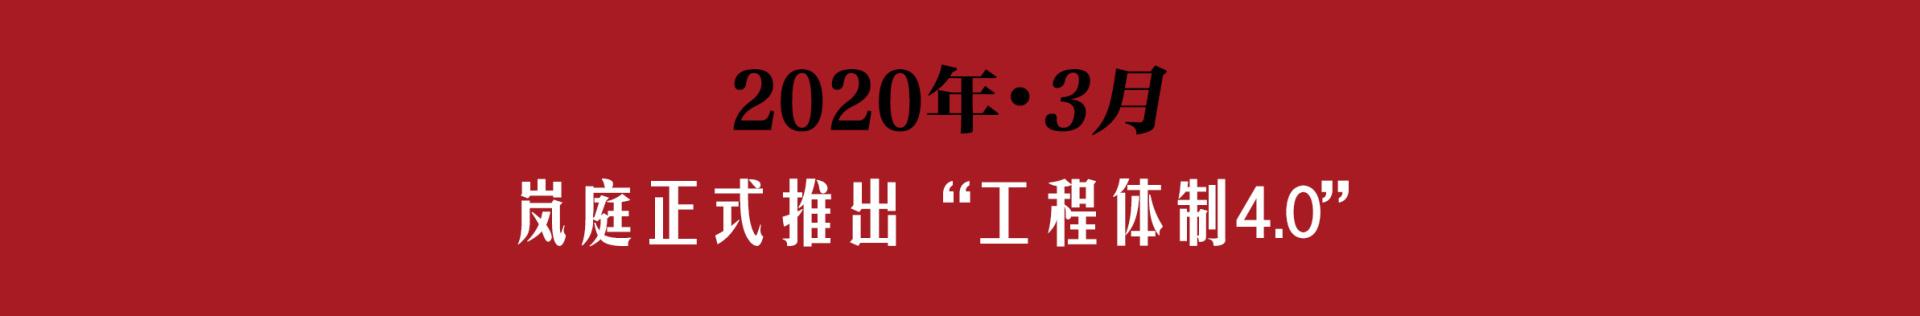 微信图片_20200328172634.jpg